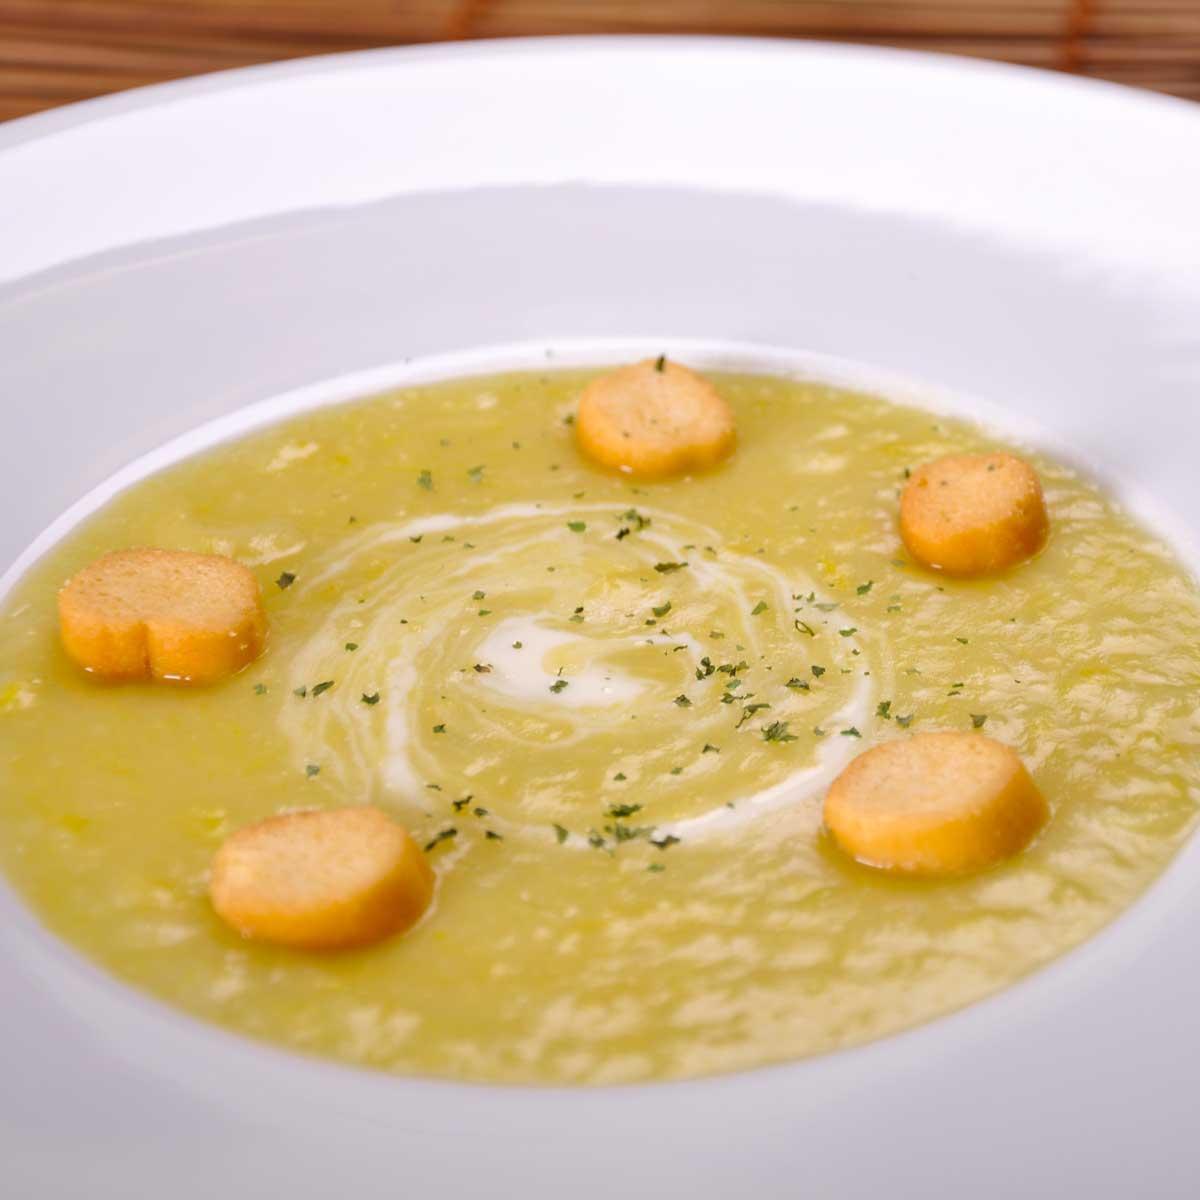 recette soupe aux poireaux et pommes de terre cuisine madame figaro. Black Bedroom Furniture Sets. Home Design Ideas